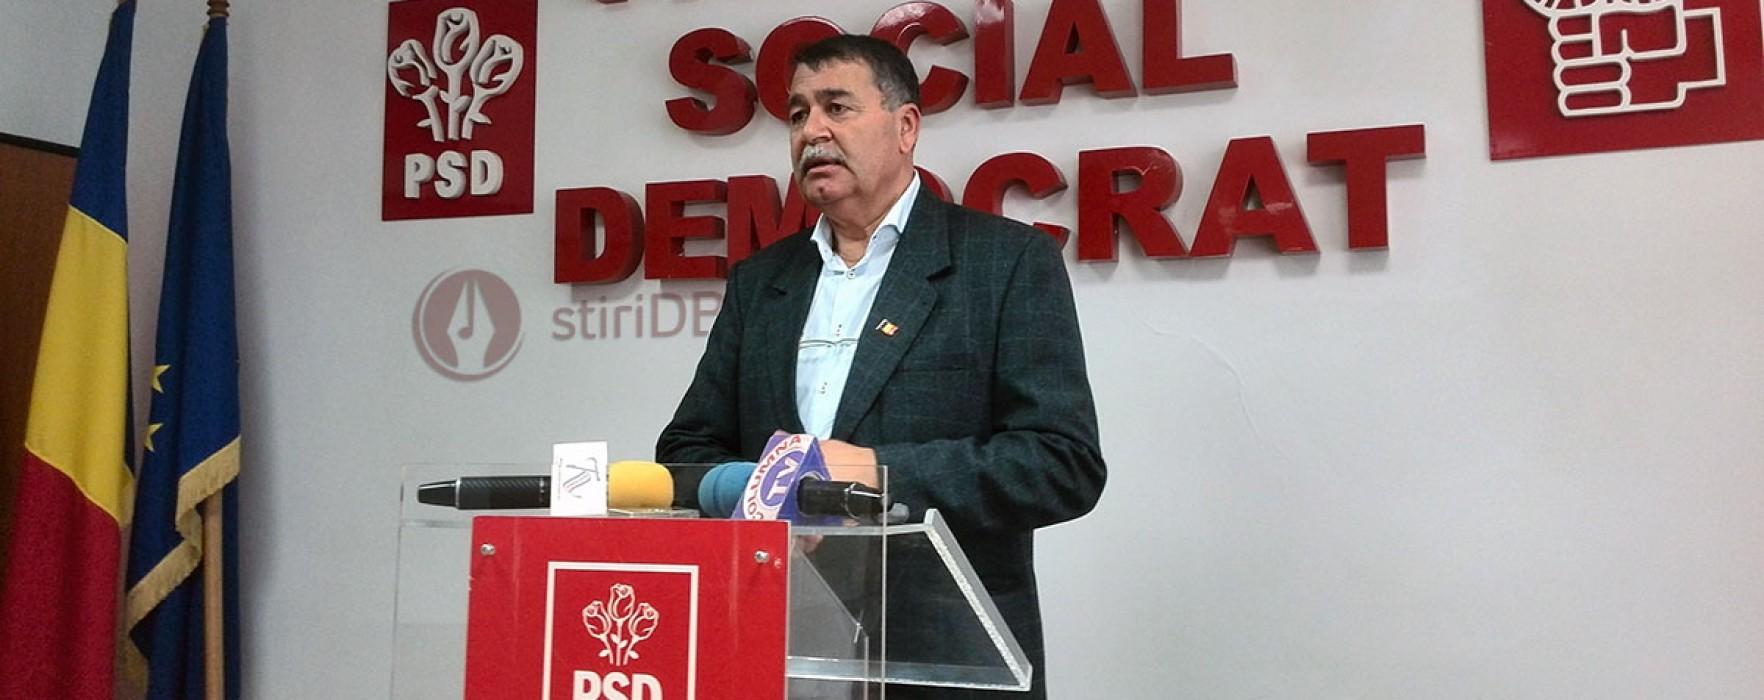 Vicepreşedinte PSD Dâmboviţa: Ştiu de discuţii ca primari PNL să treacă la PSD